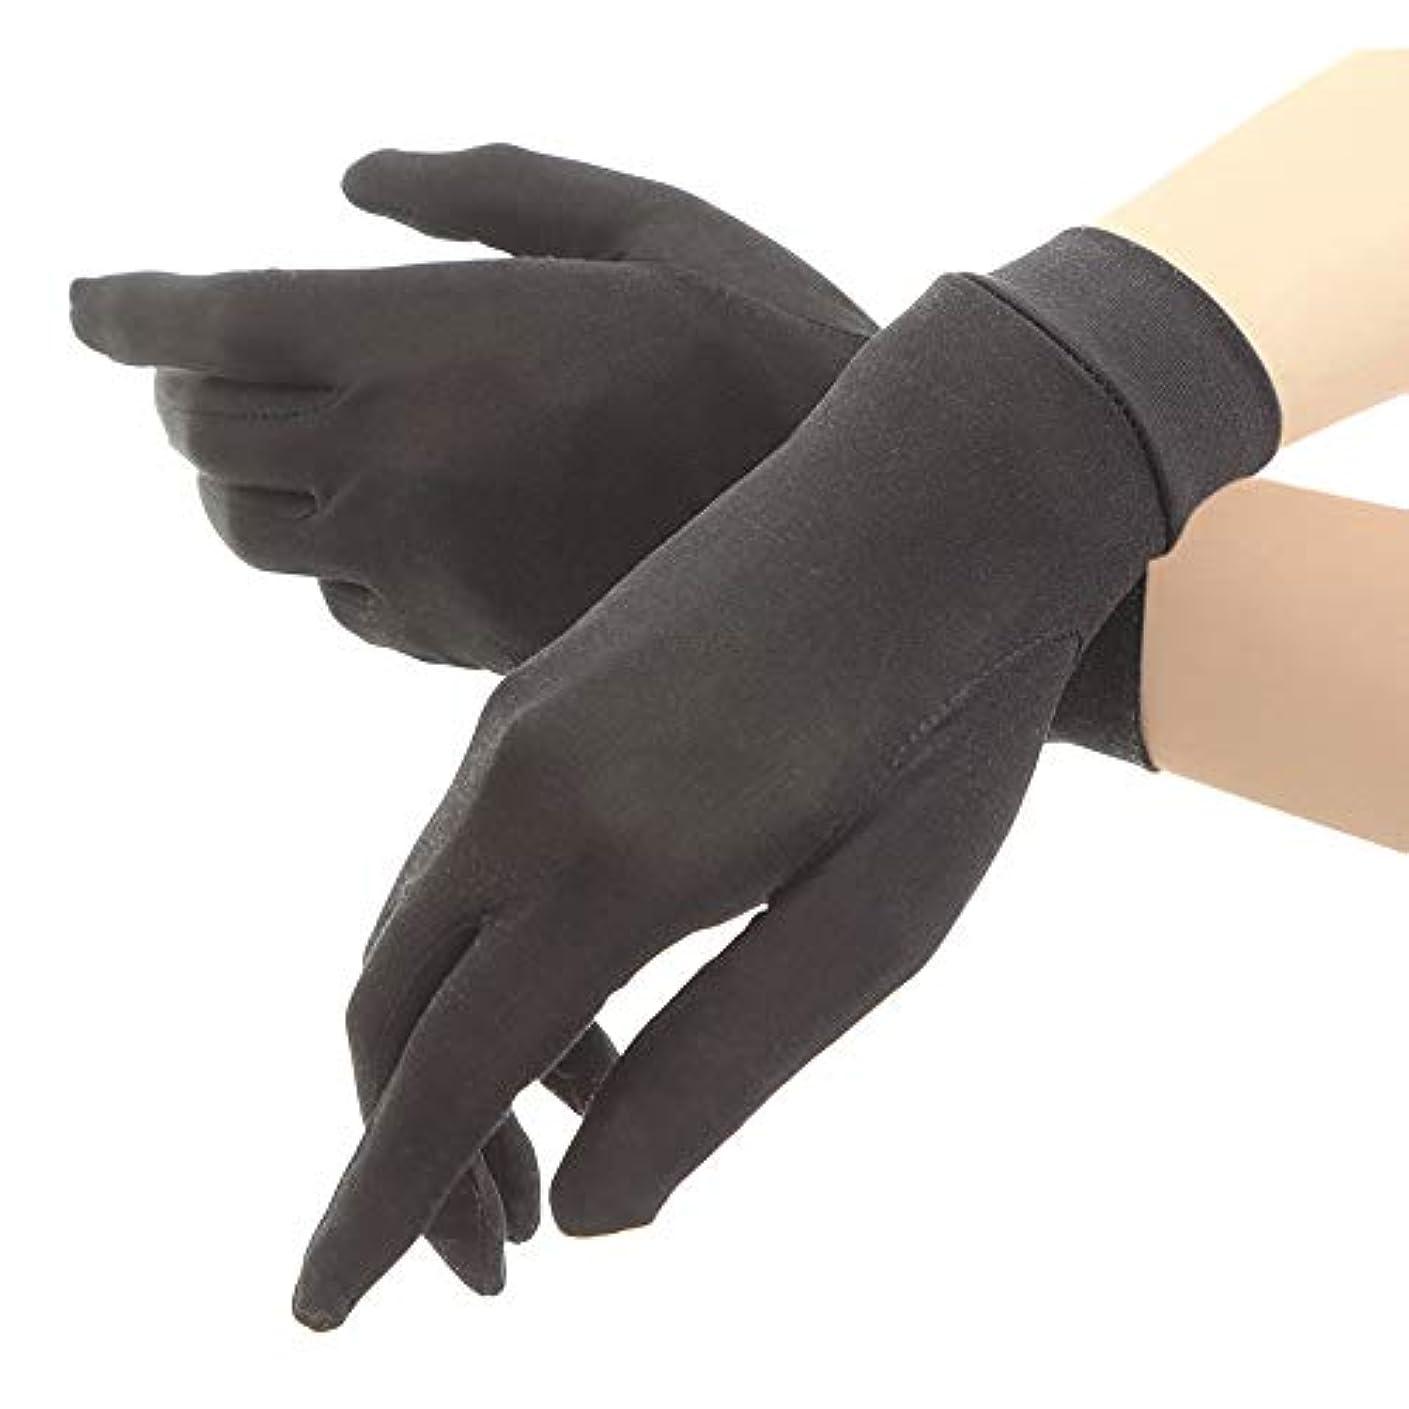 奪うワークショップシュガーシルク手袋 レディース 手袋 シルク 絹 ハンド ケア 保湿 紫外線 肌荒れ 乾燥 サイズアップで手指にマッチ 【macch】